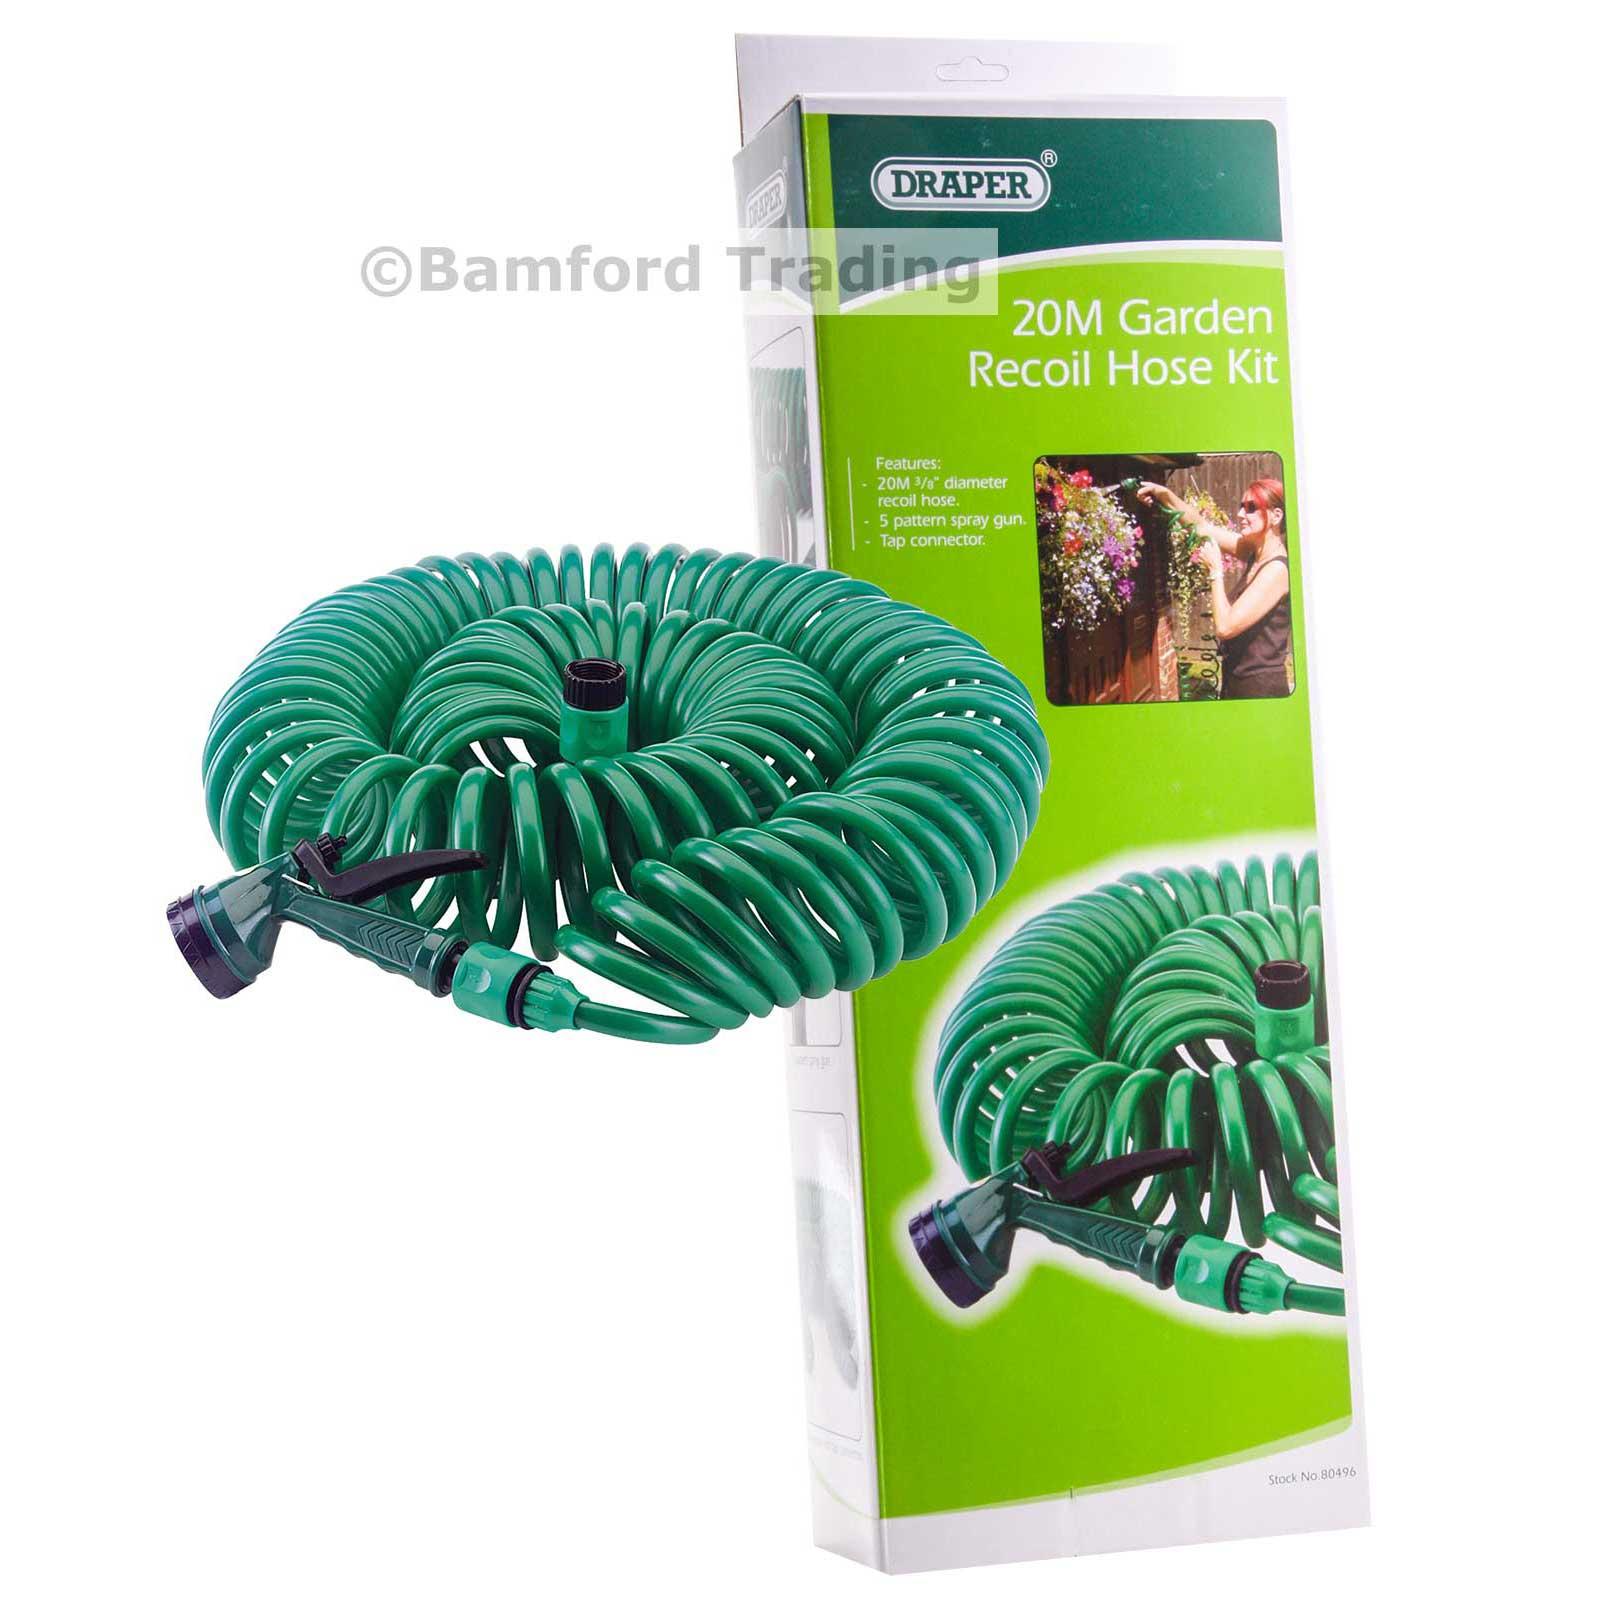 Draper 80496 GCH1 20M Coiled Garden Hose Kit Draper 80496 GCH1